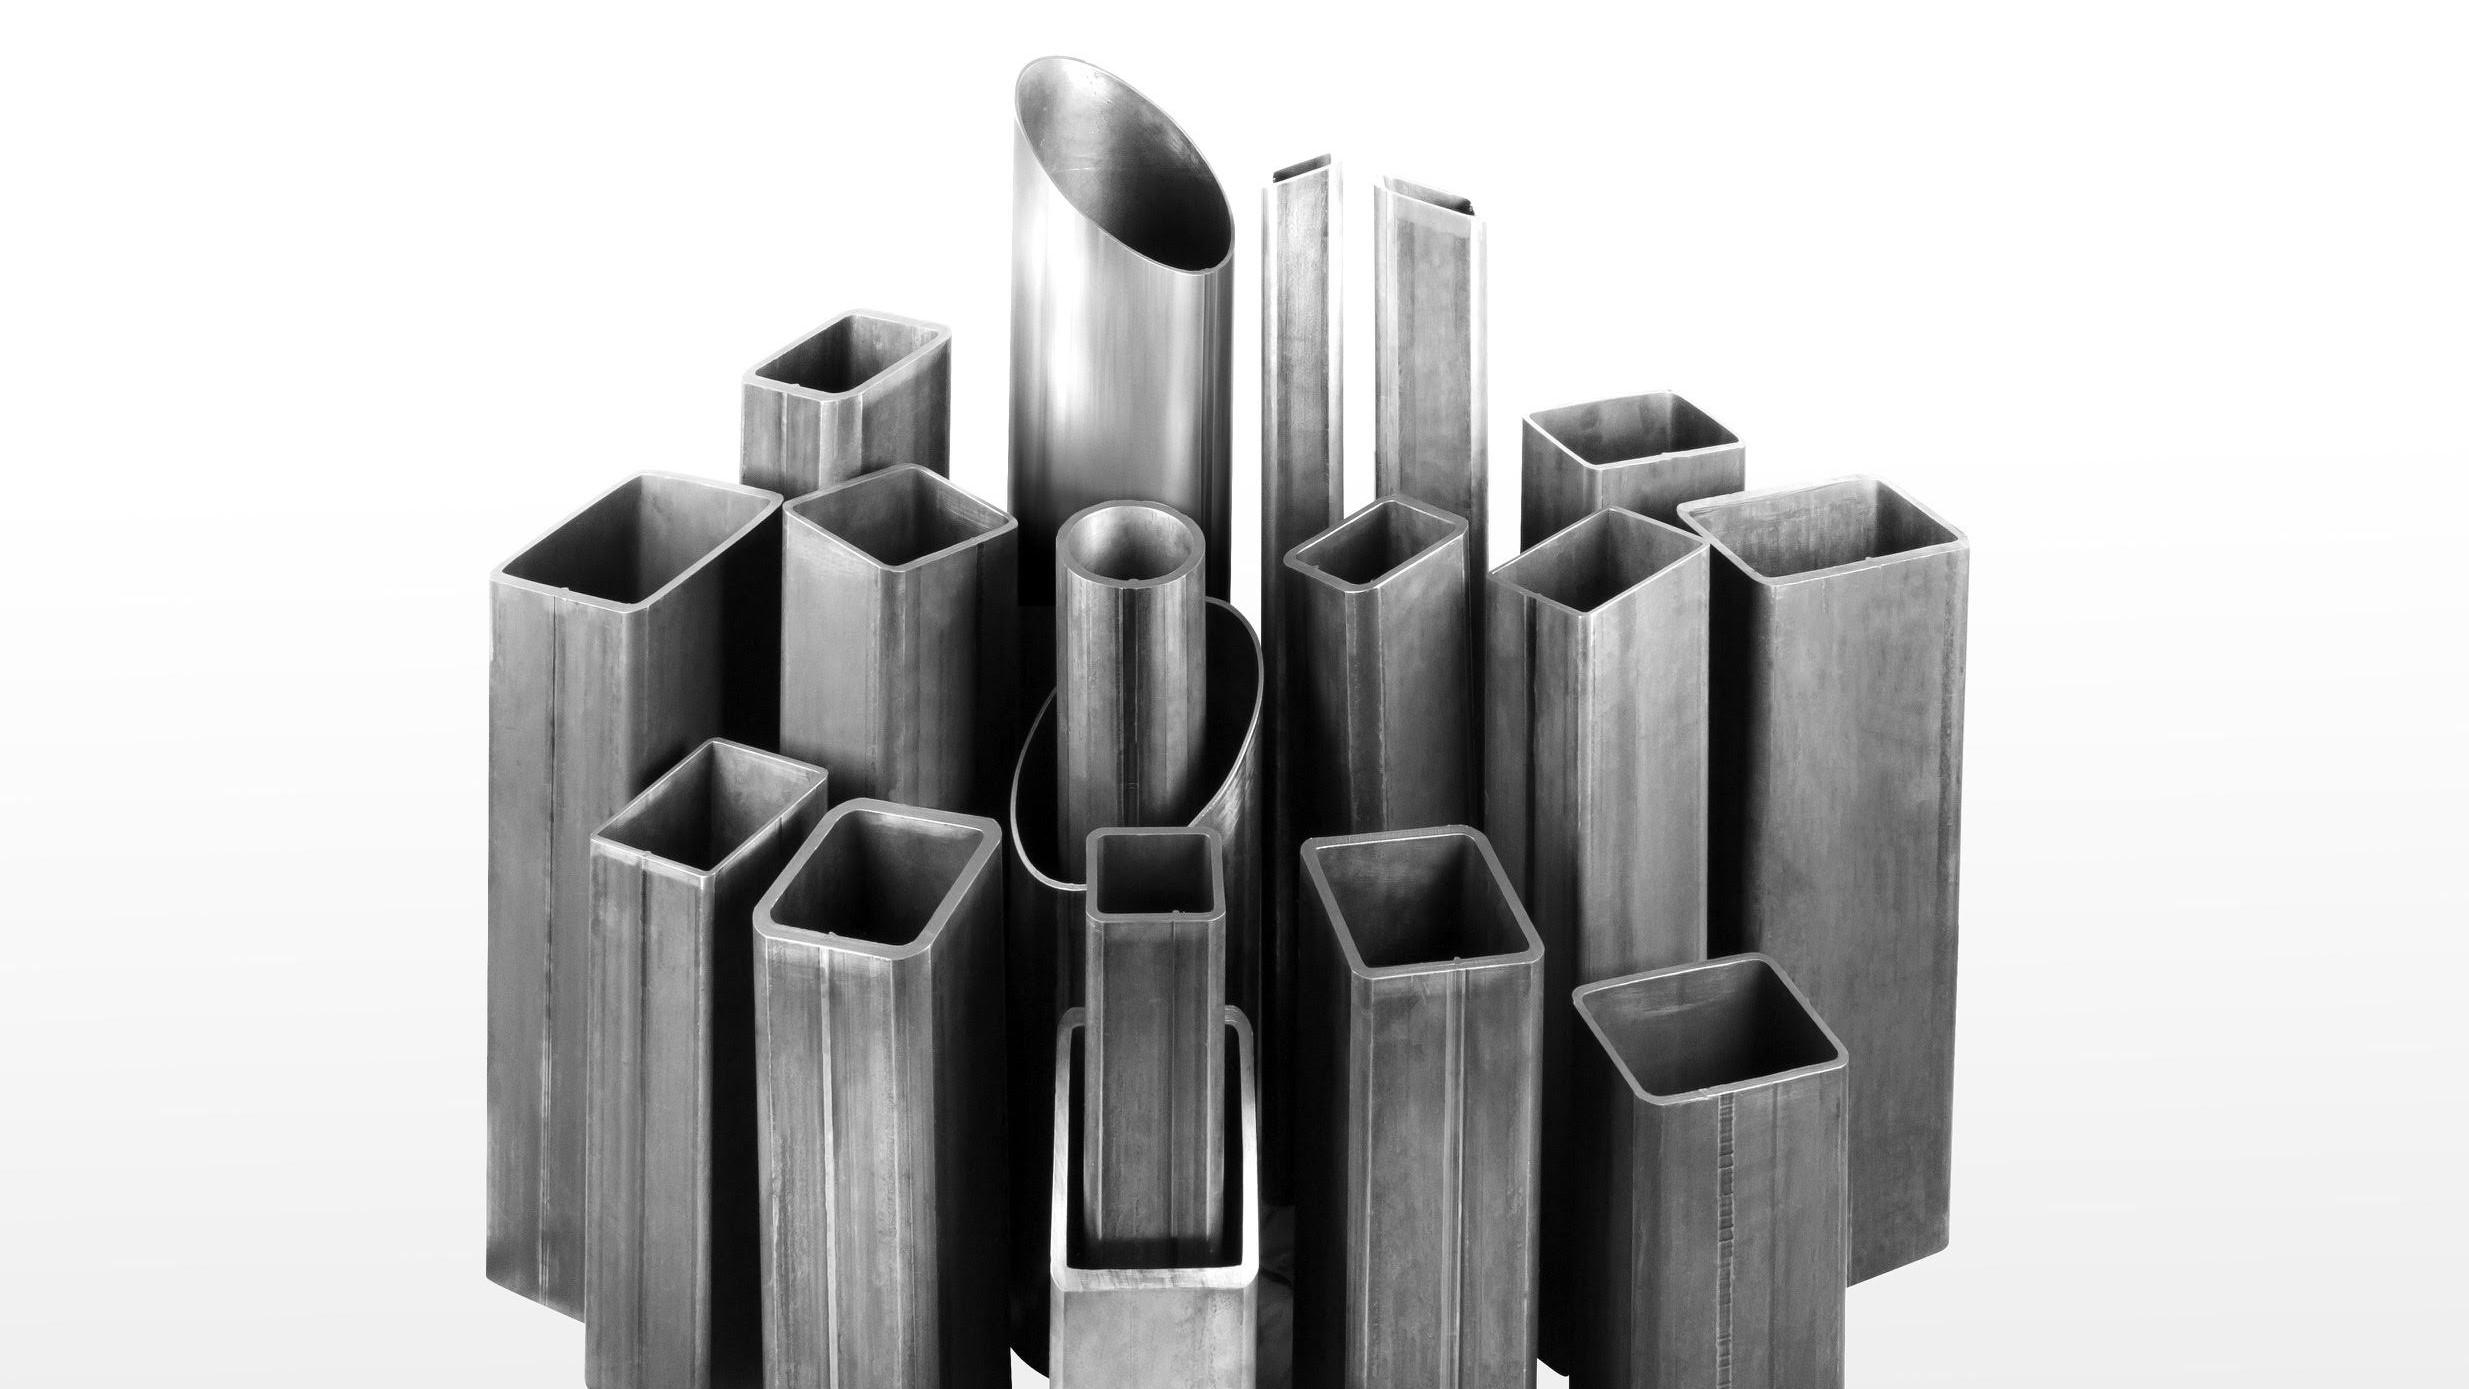 قیمت پروفیل در بازار محصولات فولادی+جدول